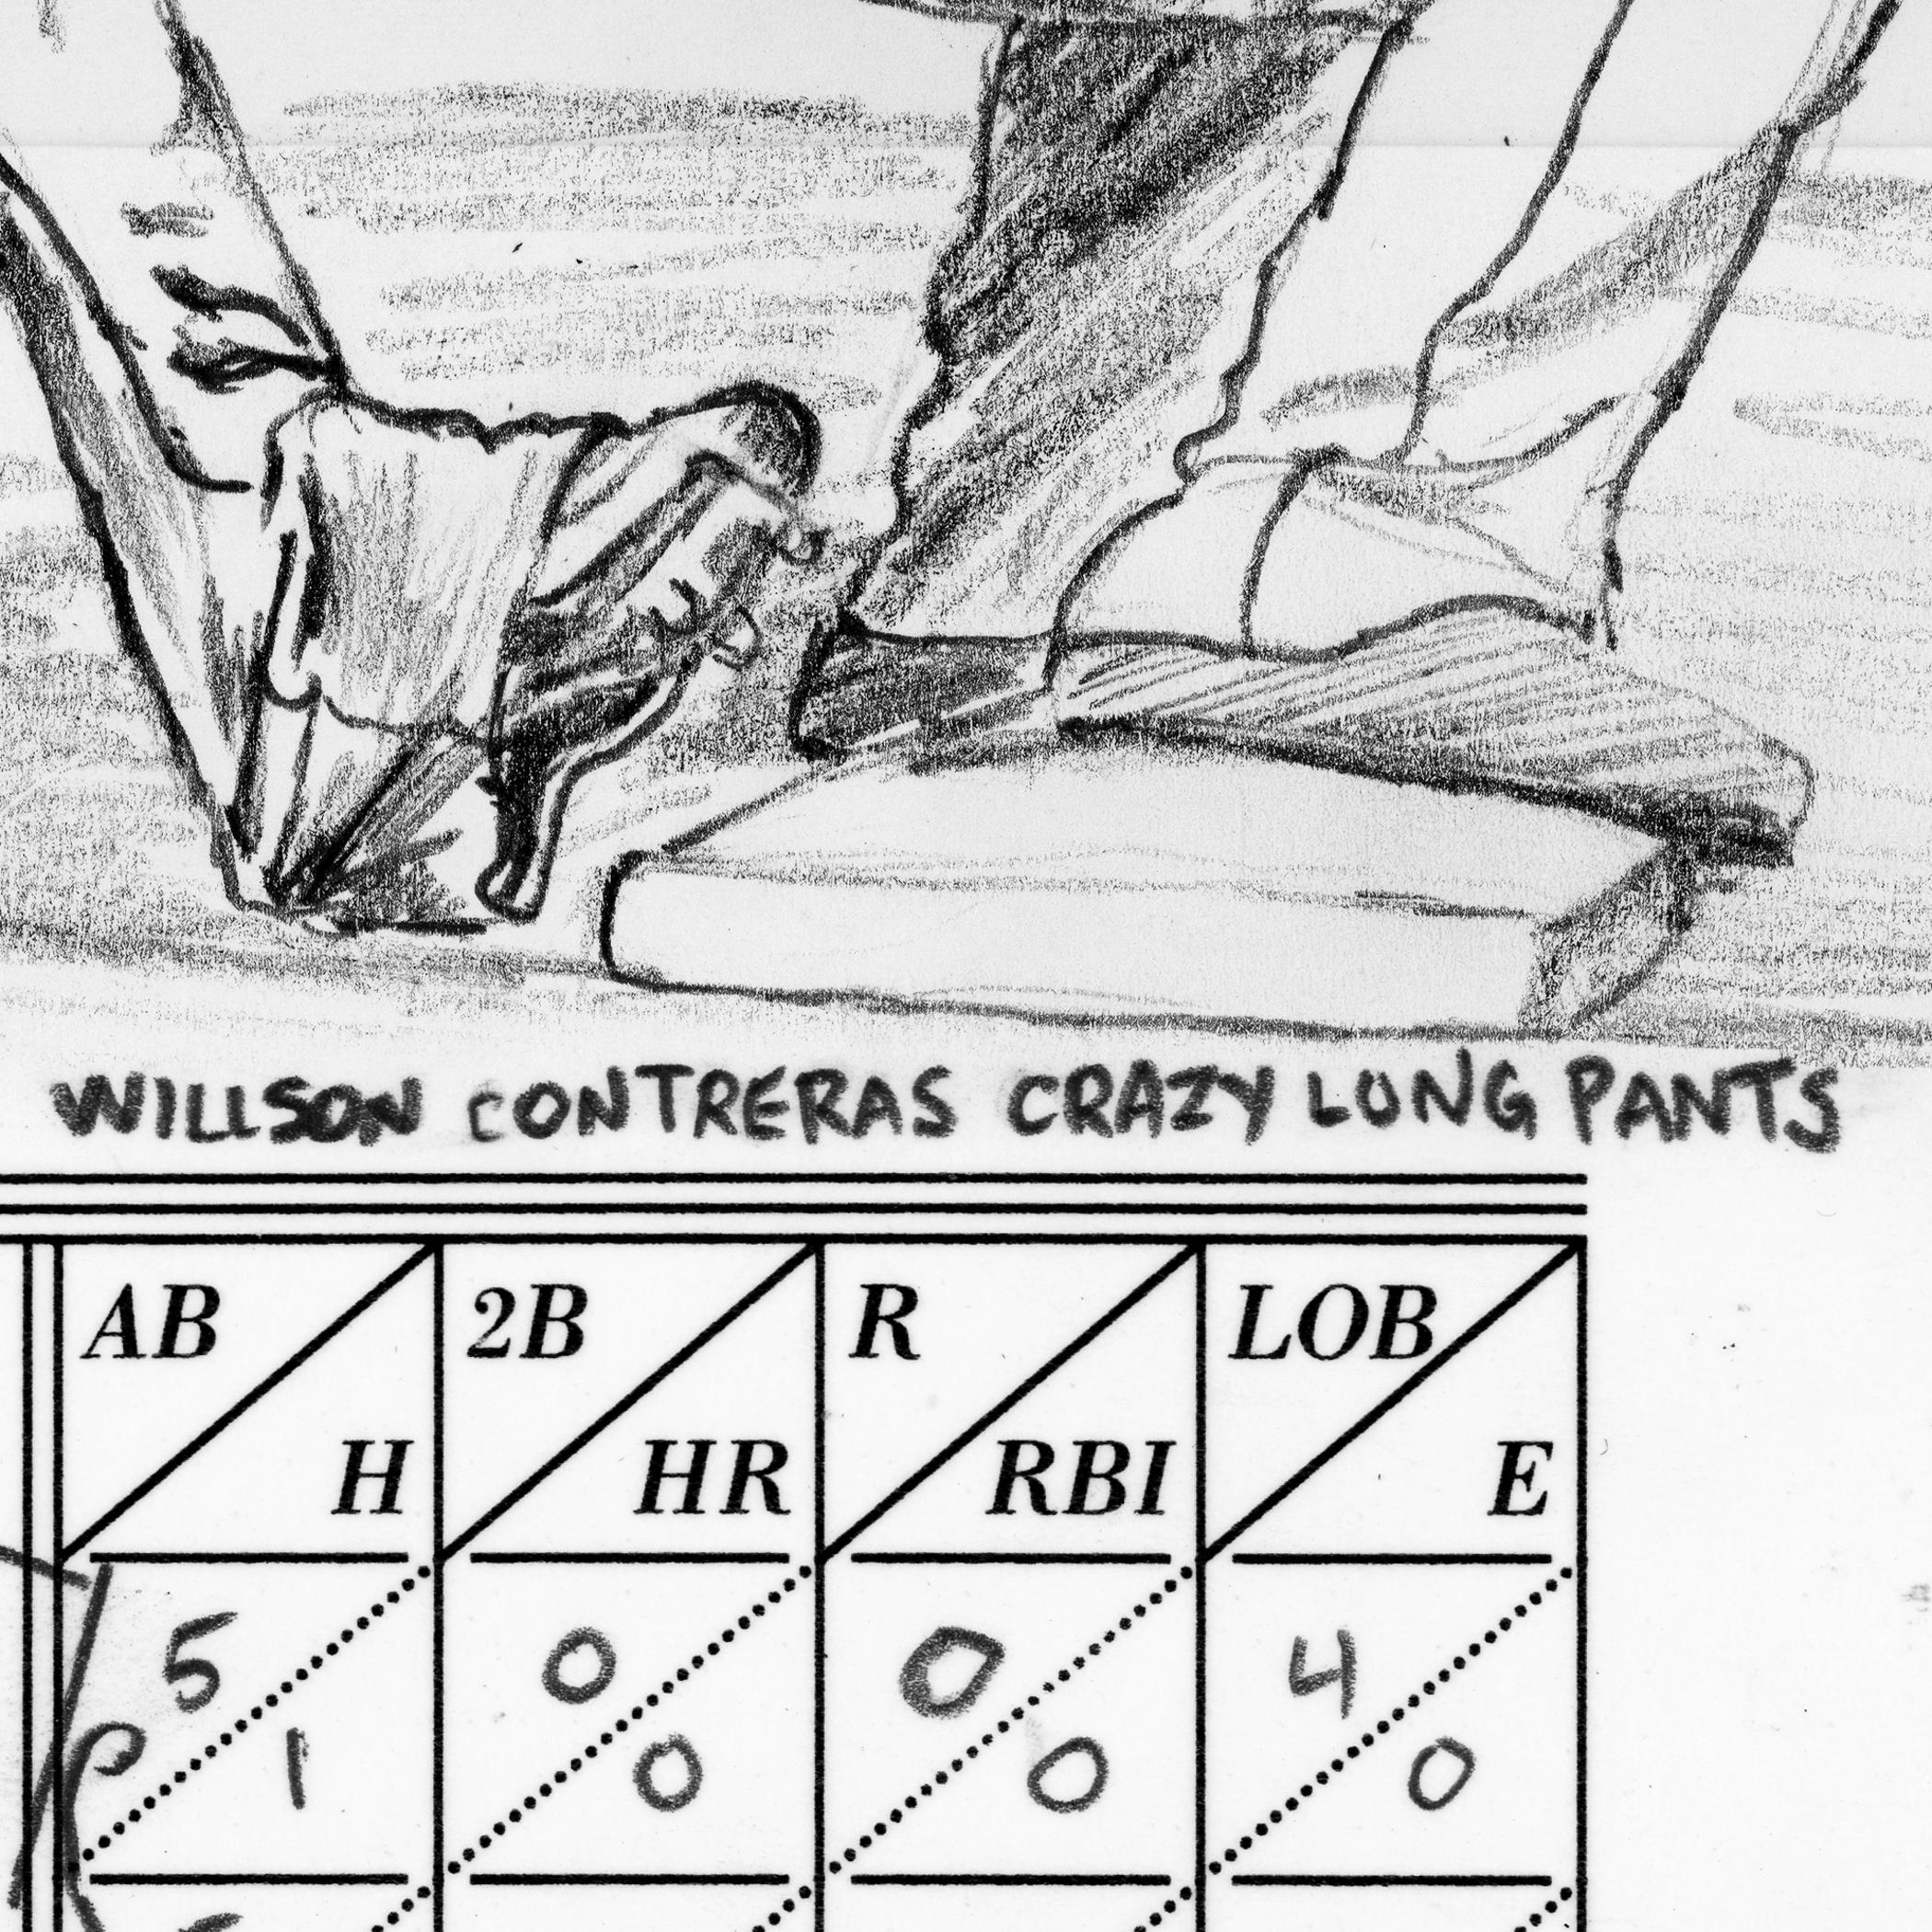 Willson Contreras crazy-long pants